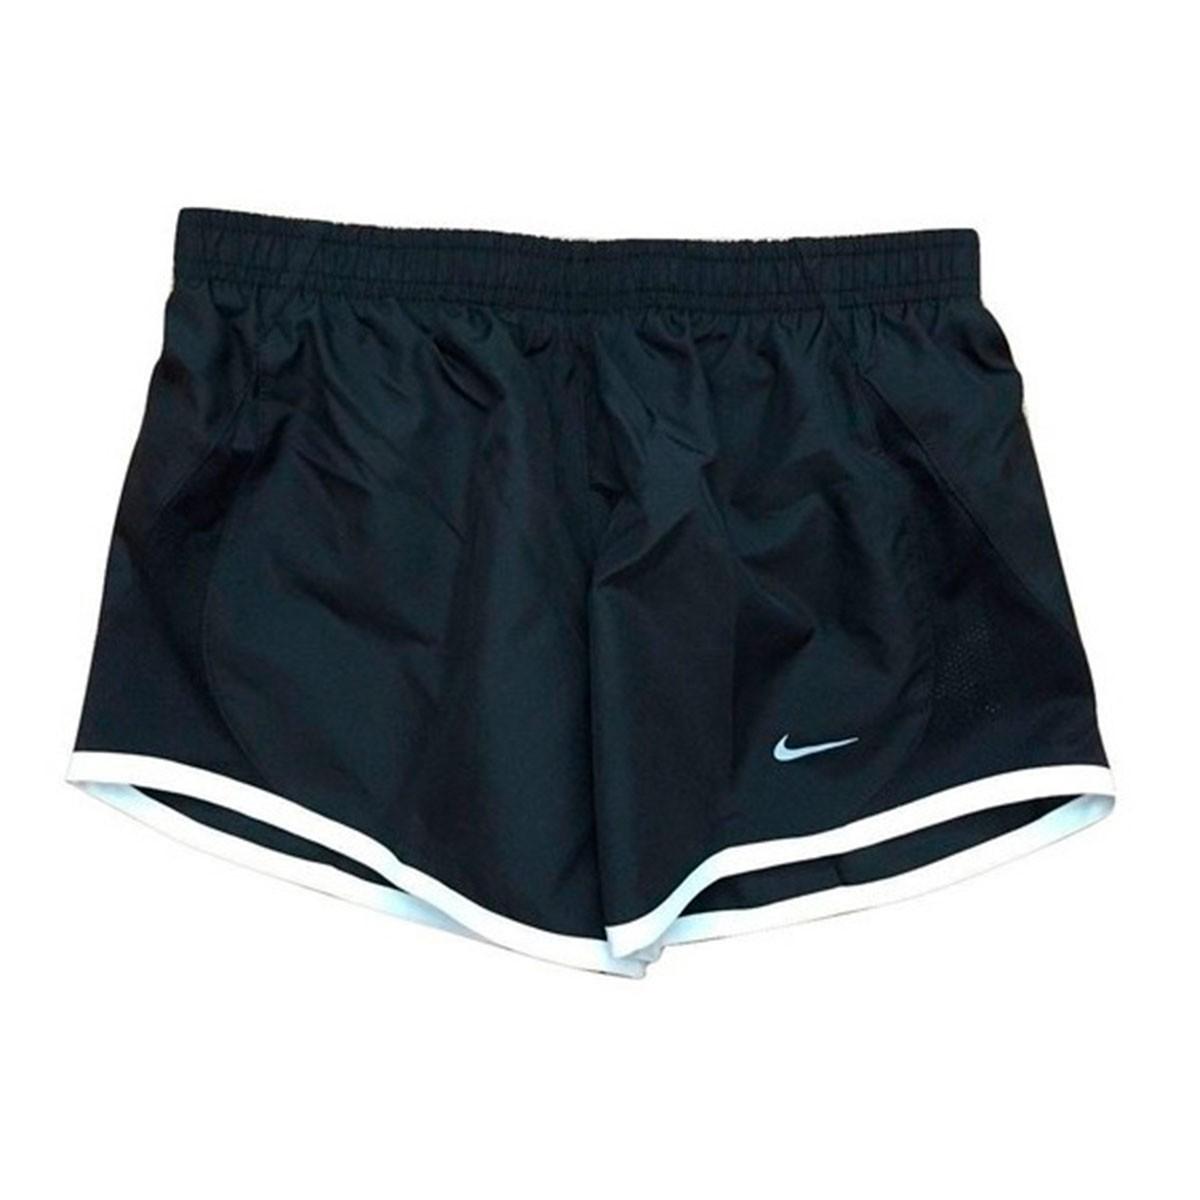 Short Nike Dry Running Infantil Feminino Preto